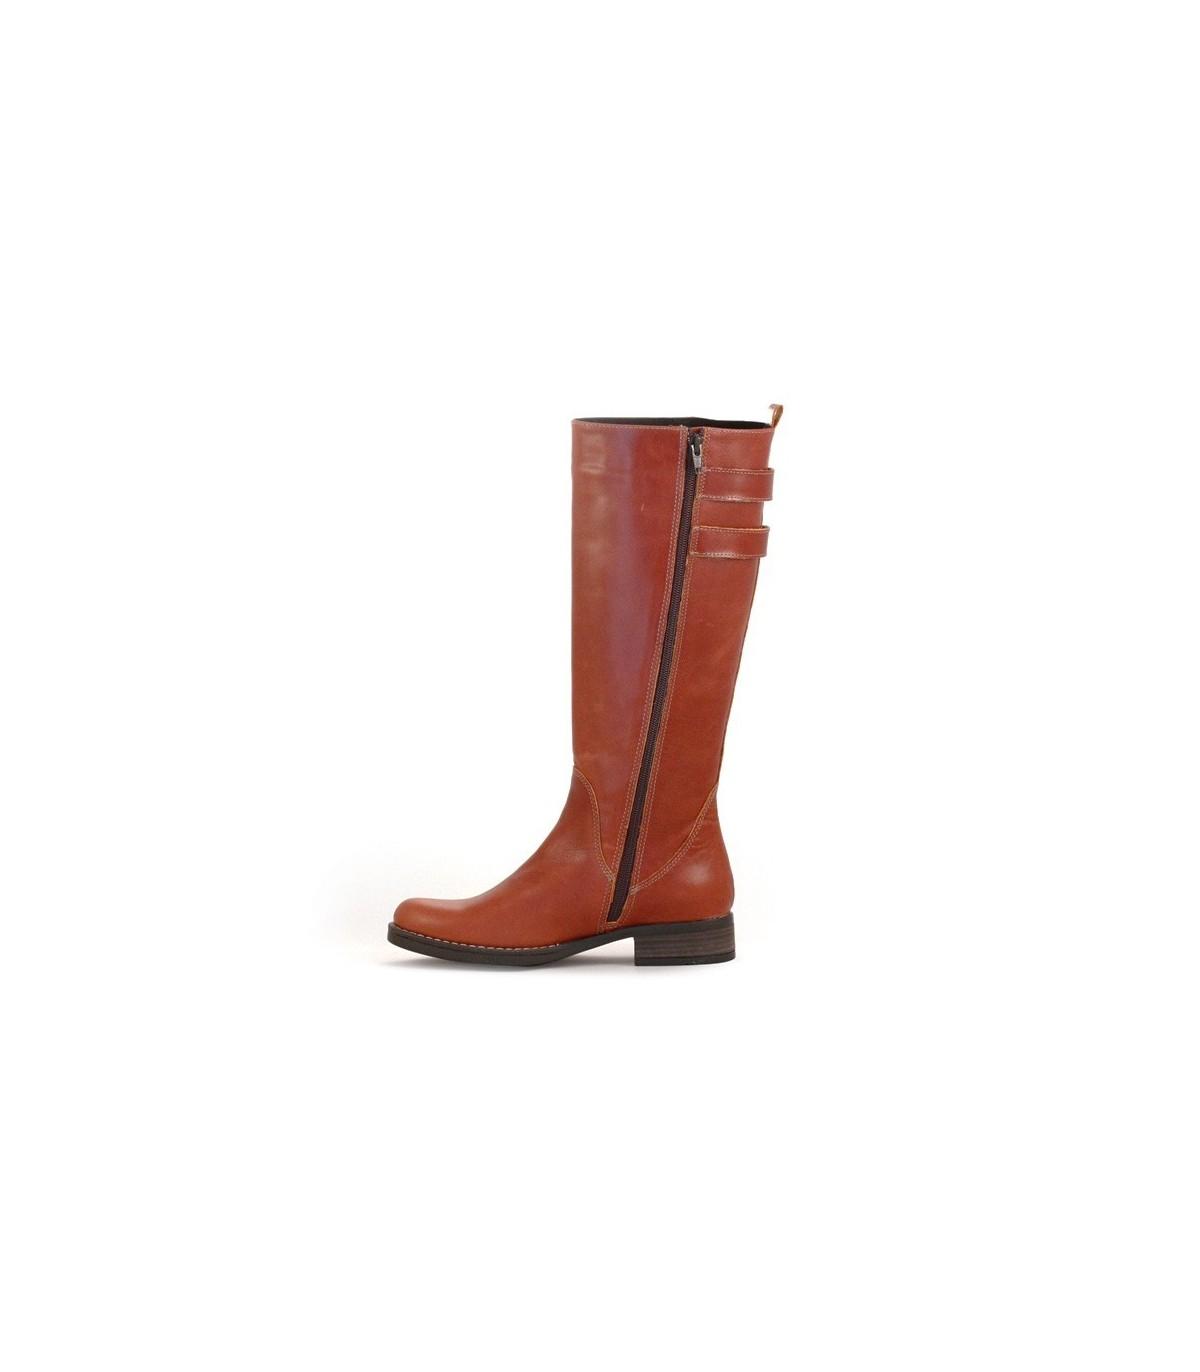 d5f25f3937 Botas largas de cuero suela – Botas de mujer – Batistella.com.ar